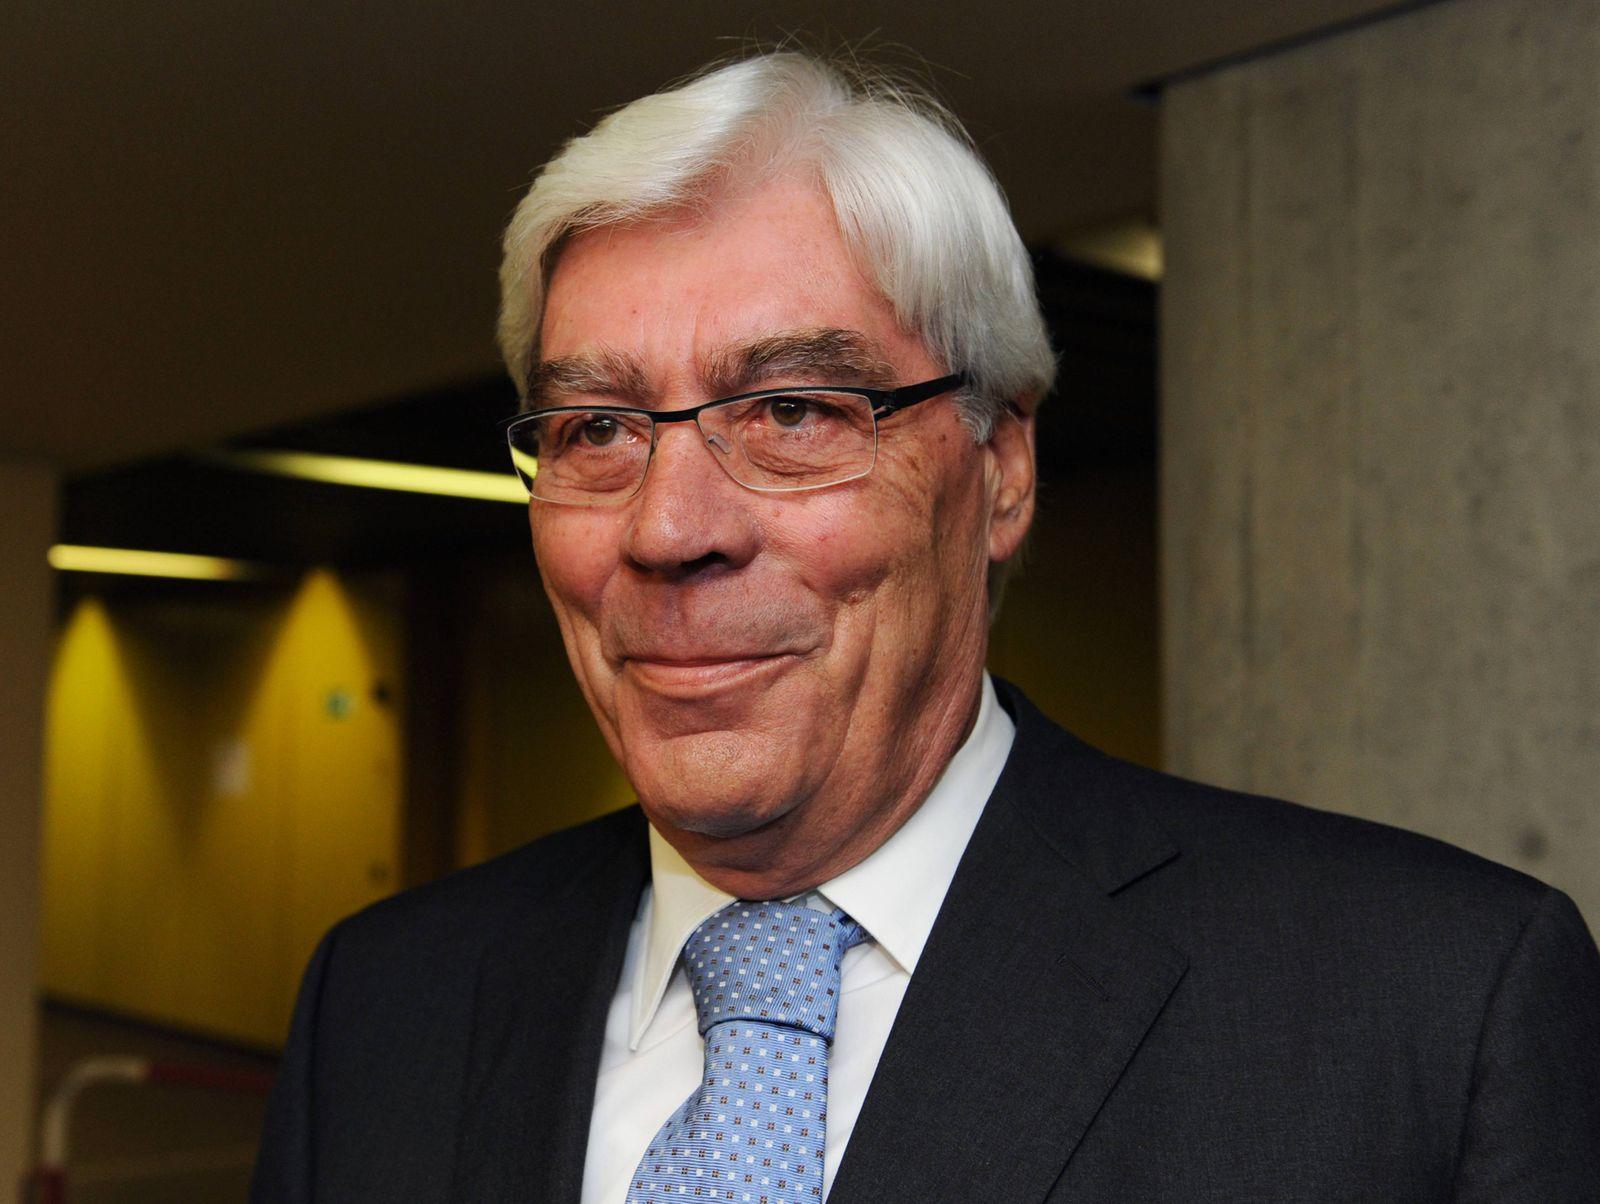 Werner Schmidt / Bayern LB Chief / Gericht